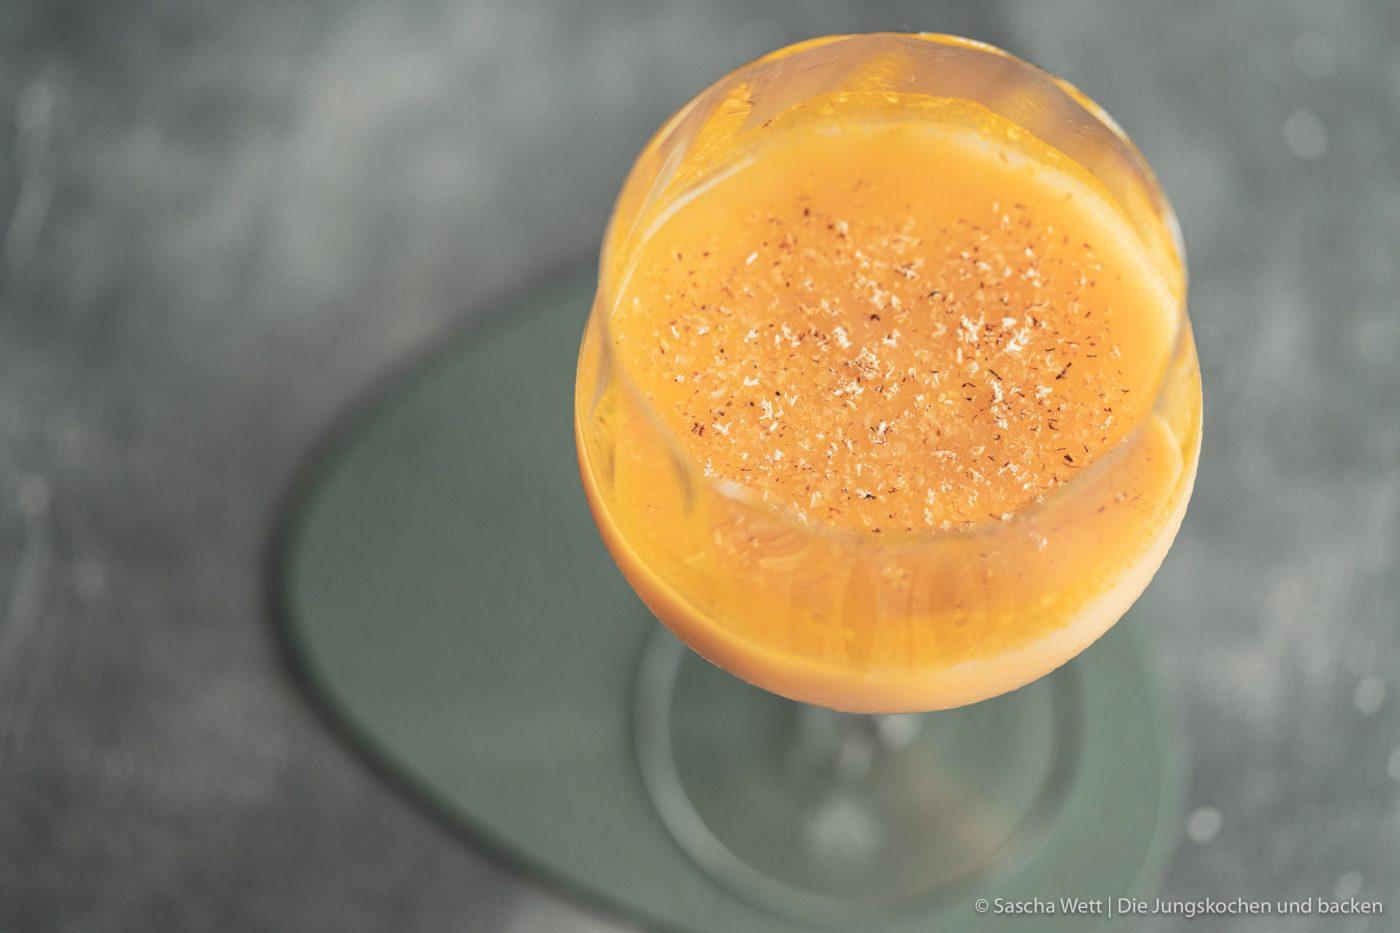 Sundown Eggnog Verpoorten 7 | Wir gehen auch schon in die zweite Runde unserer IGTV-Reihe Unser Schnapsregal! Dieses Mal haben wir einen leckeren Cocktail für euch im Gepäck und der ist der perfekte Drink für einen entspannten Feierabend. Wenn die Sonne orangerot am Himmel steht, kann man so langsam in den Entspannungsmodus wechseln, denn das ist doch die schönste Zeit des Tages. Genau für diese Stunden haben wir den Sundown Eggnog kreiert - so heißt unsere Eierlikör-Cocktail-Kreation. Wir sind RIESEN Fans von Eierlikör, das wisst ihr ja alle. Und daher können wir nicht glücklicher sein, das Traditionsunternehmen Verpoorten an unserer Seite zu wissen.